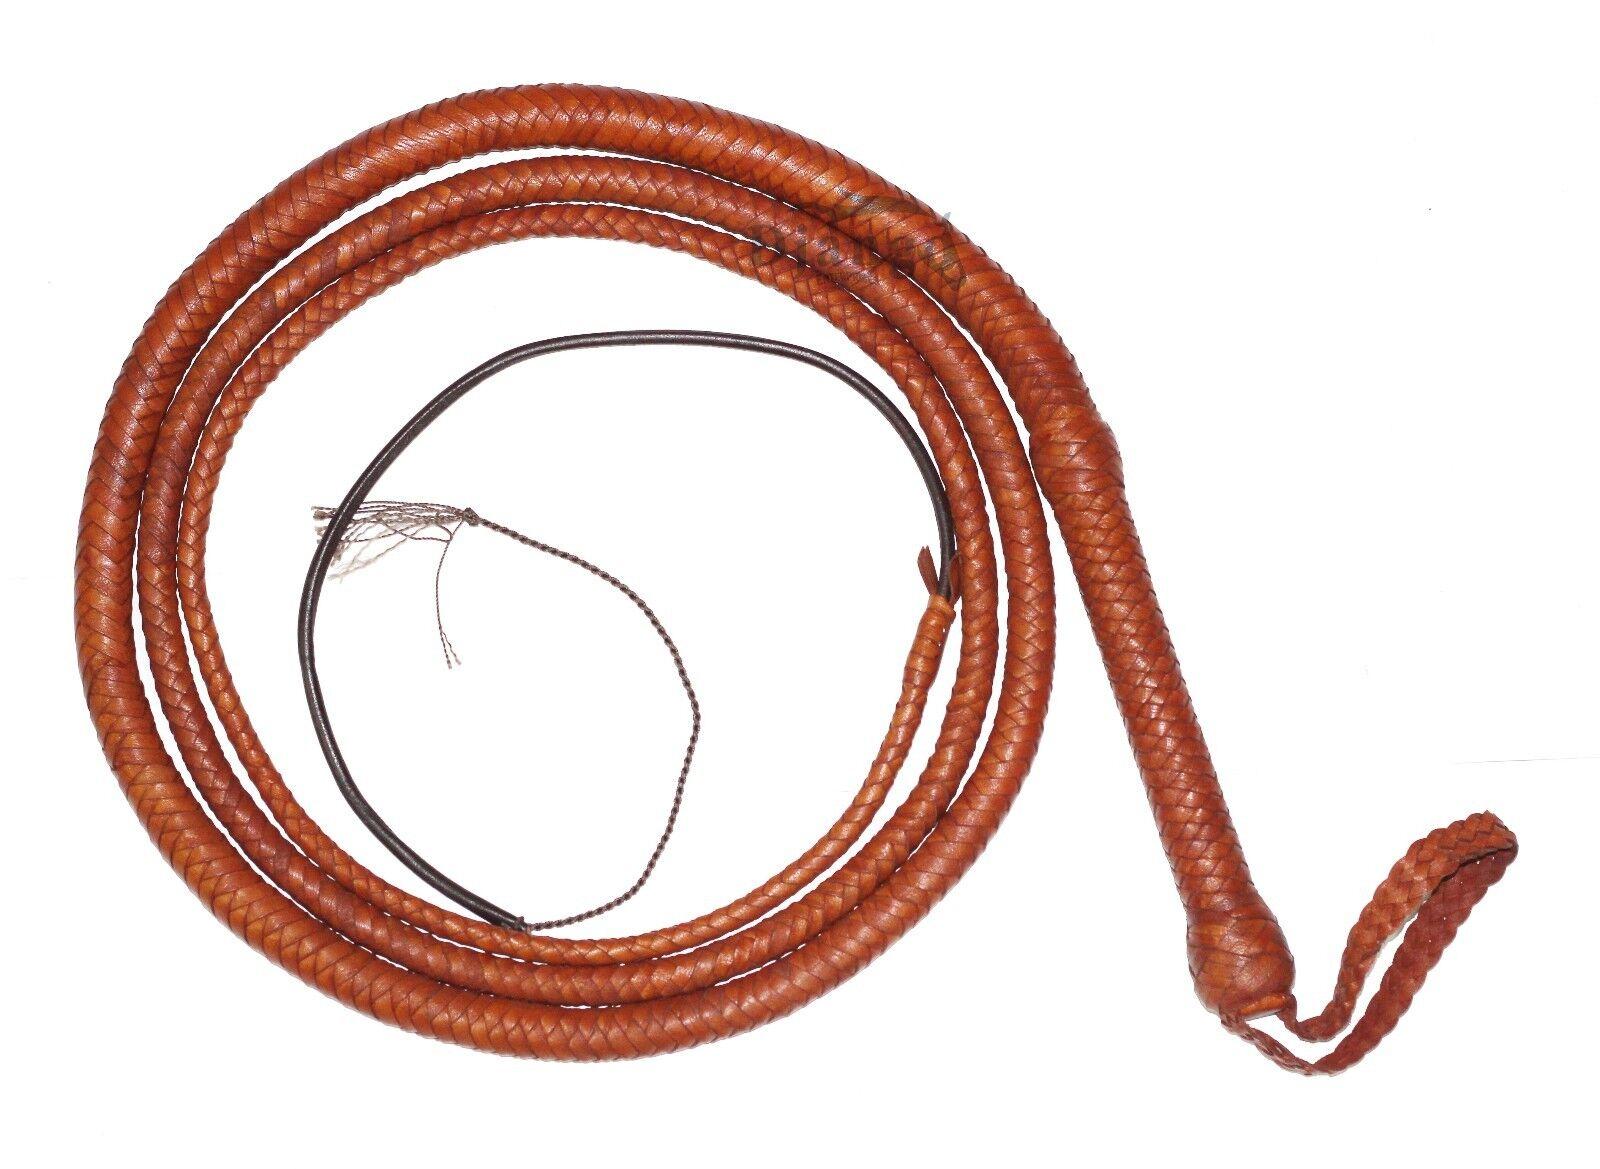 10 pieds 12 tresses Grain supérieur vachette cuir personnalisé BULLWHIP ventre et traversin